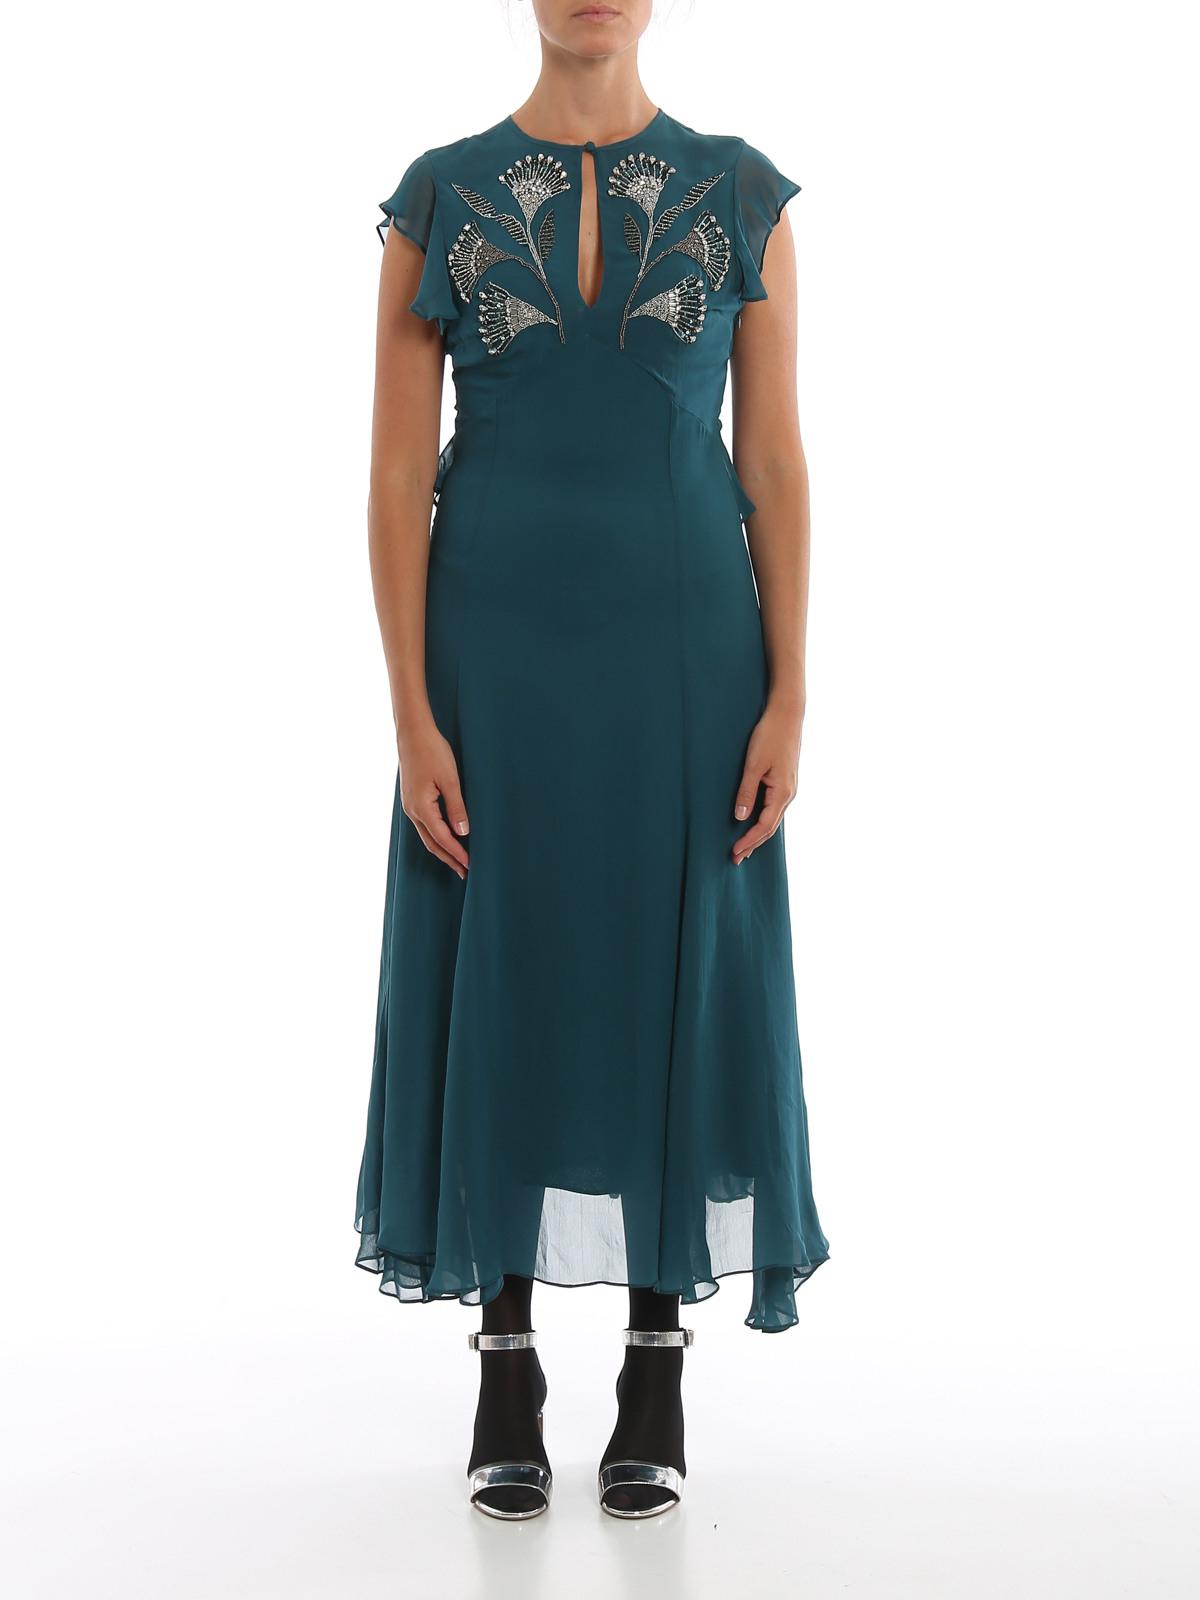 20 Schön Abendkleid Dunkelgrün für 2019Designer Spektakulär Abendkleid Dunkelgrün Vertrieb